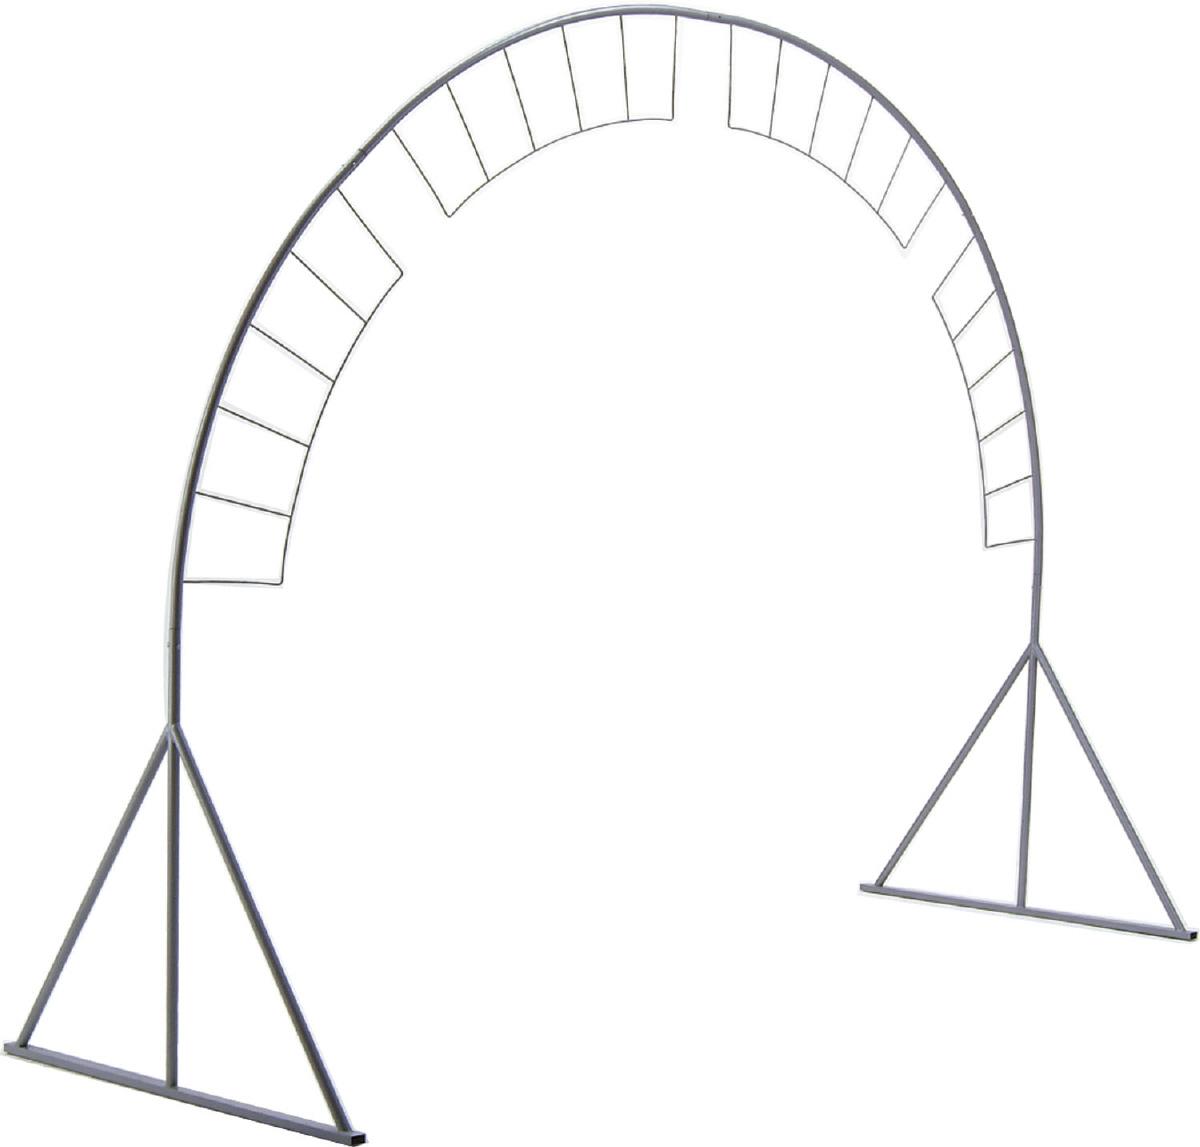 アーチ型入場門